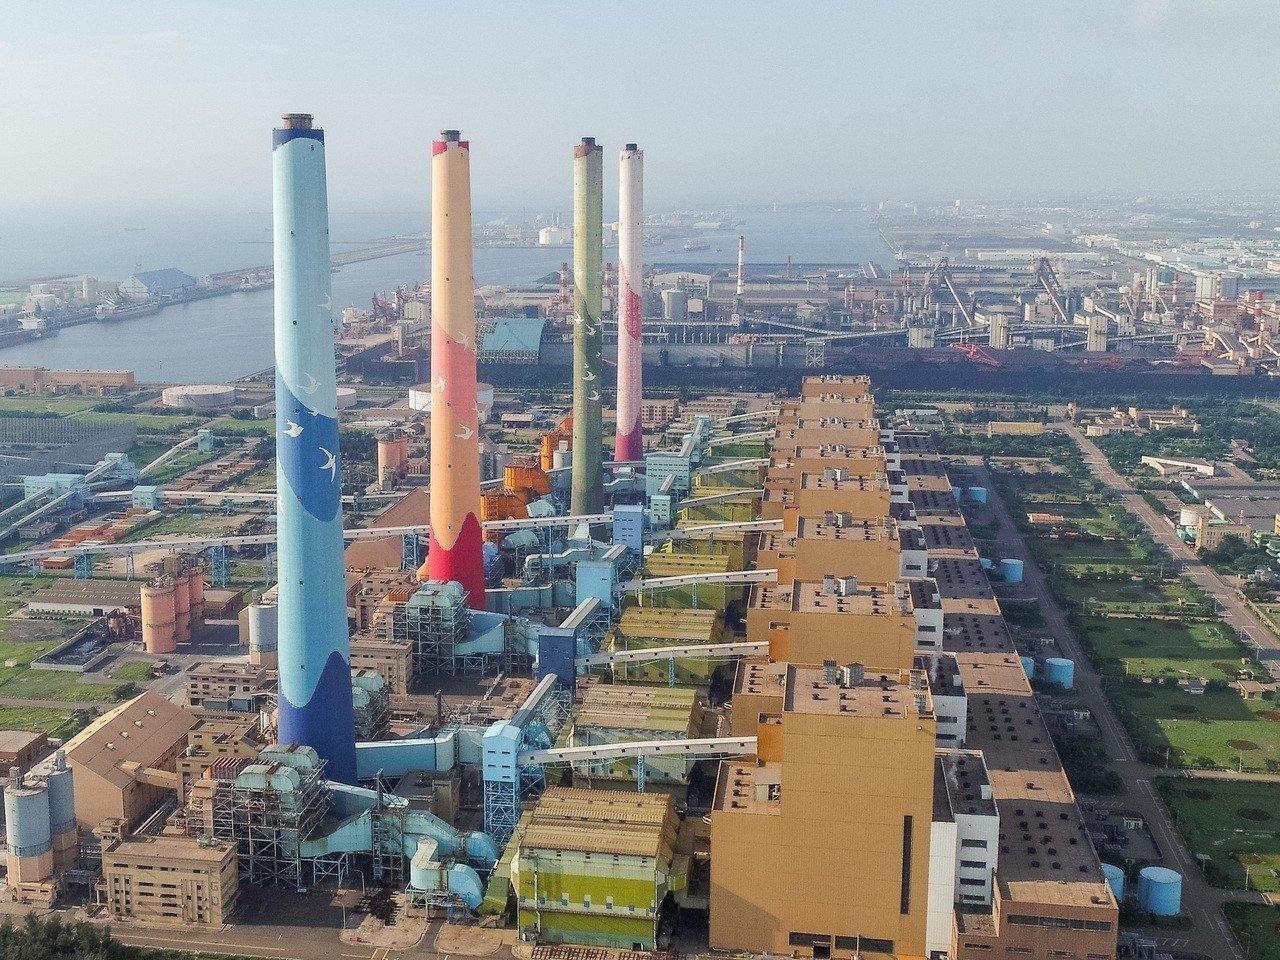 台中火力发电厂或扩建成世界最大,当地政府抗议